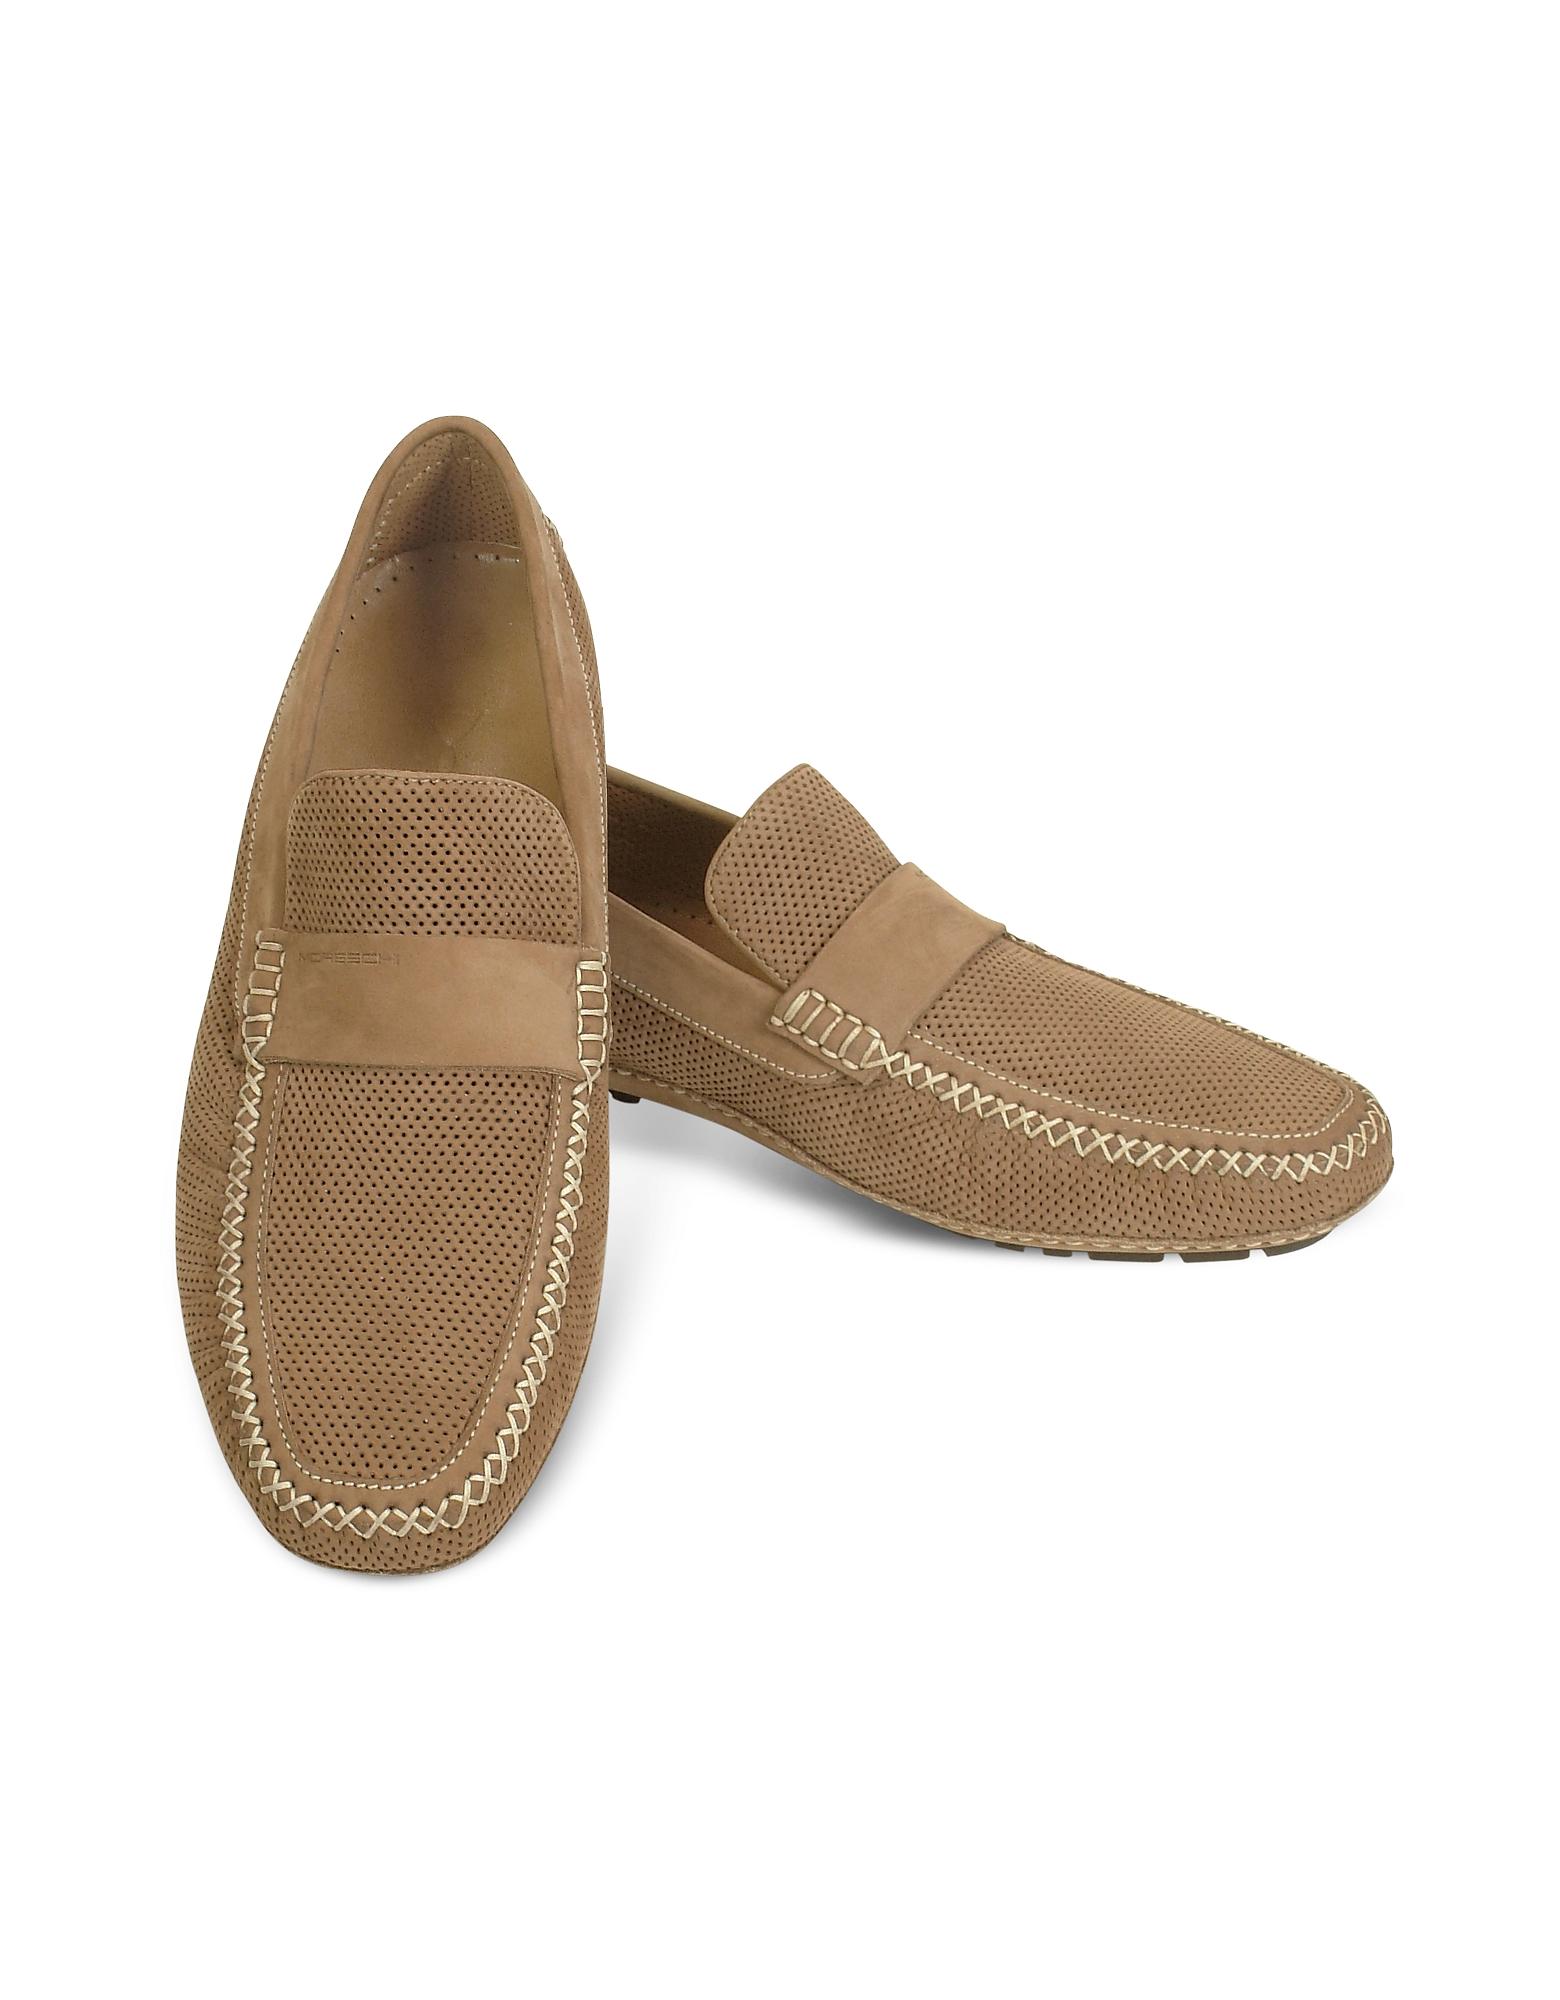 Portofino - Перфорированные Замшевые Туфли для Вождения Цвета Загара